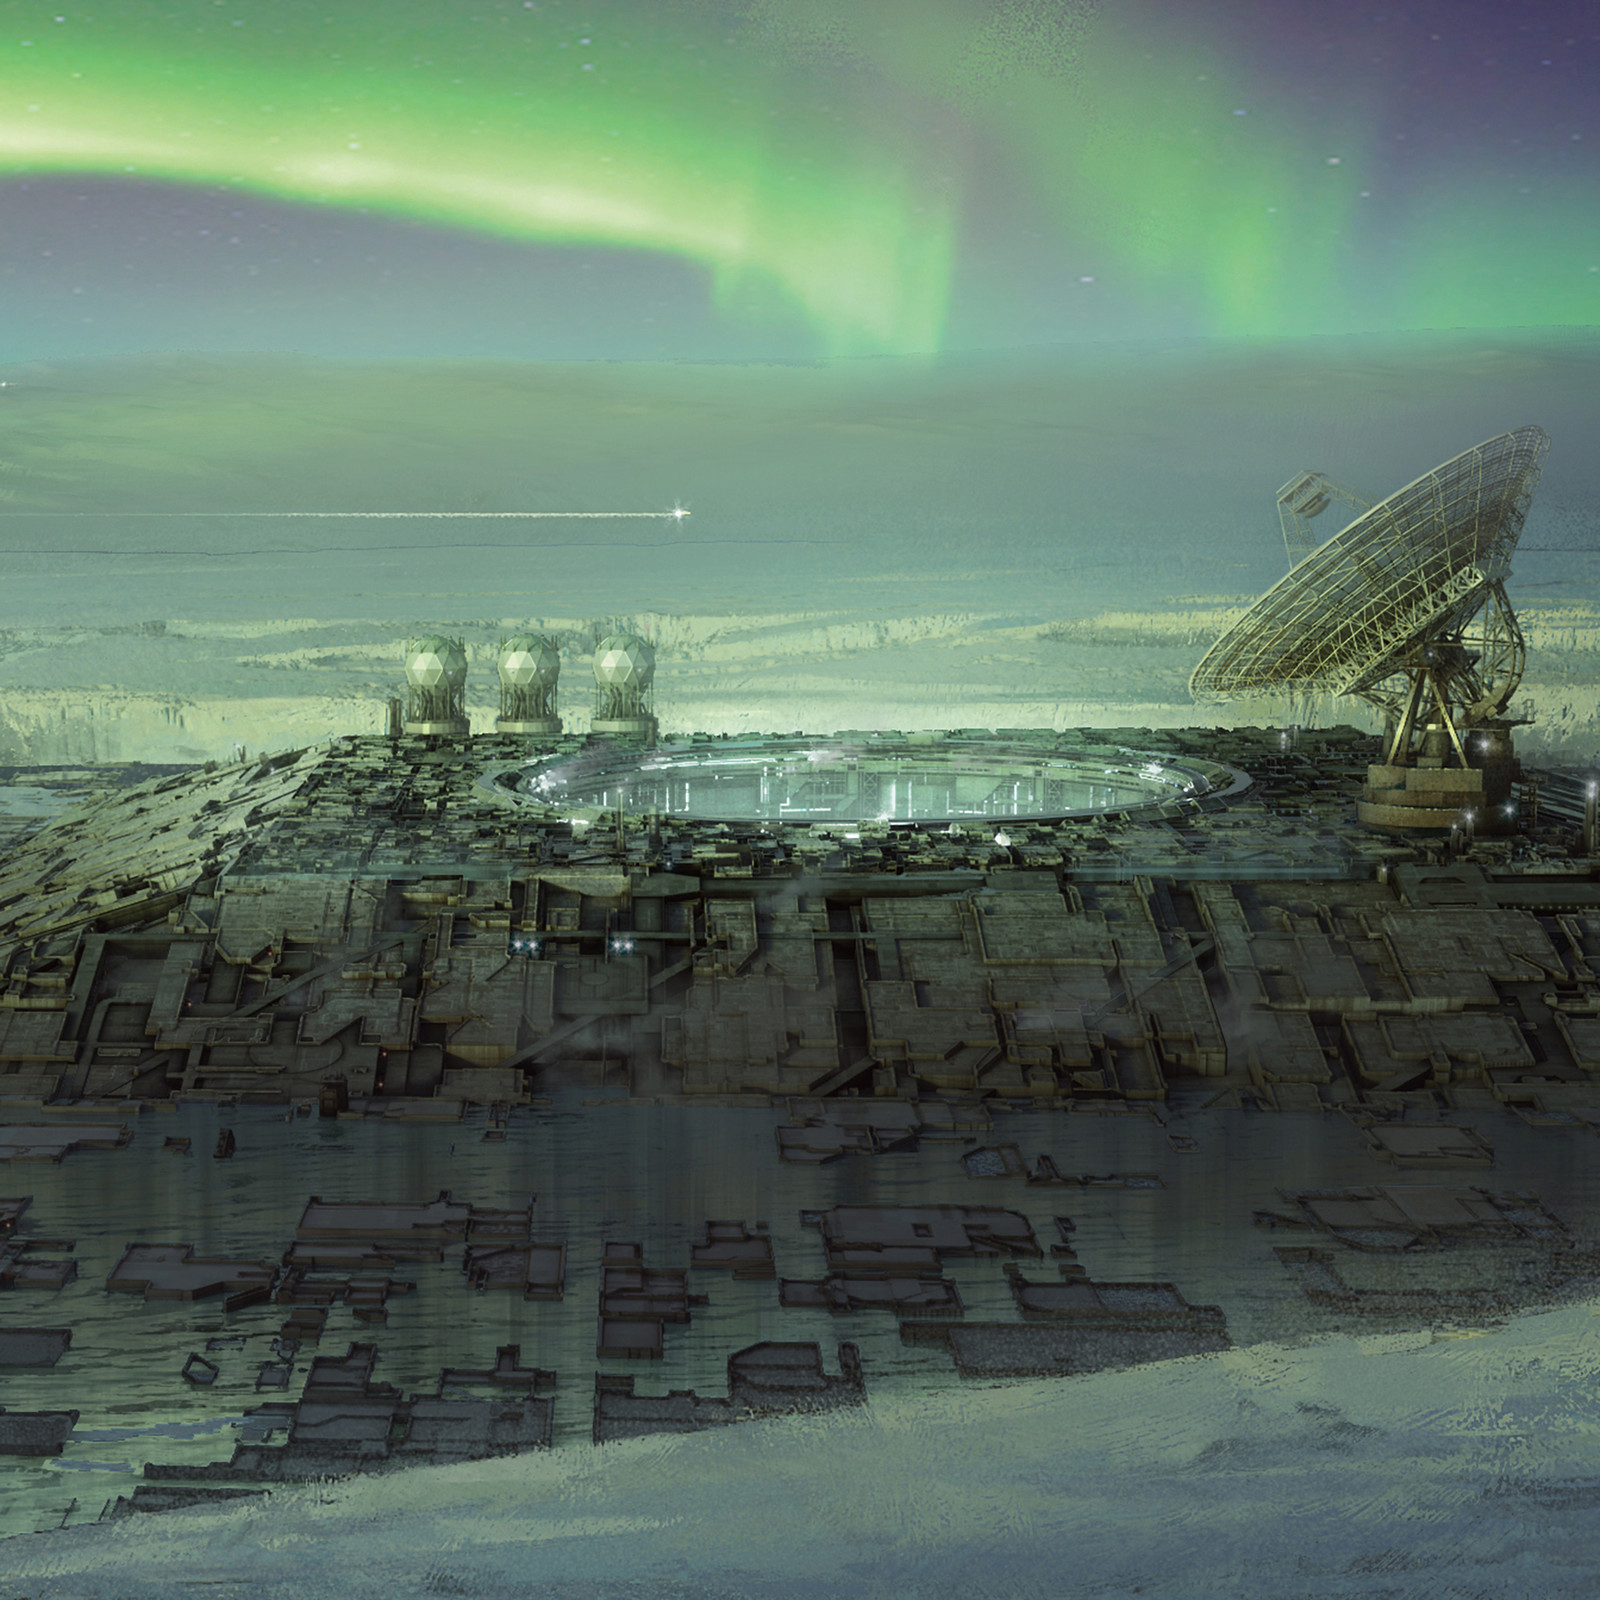 Arctic city / Aurora borealis